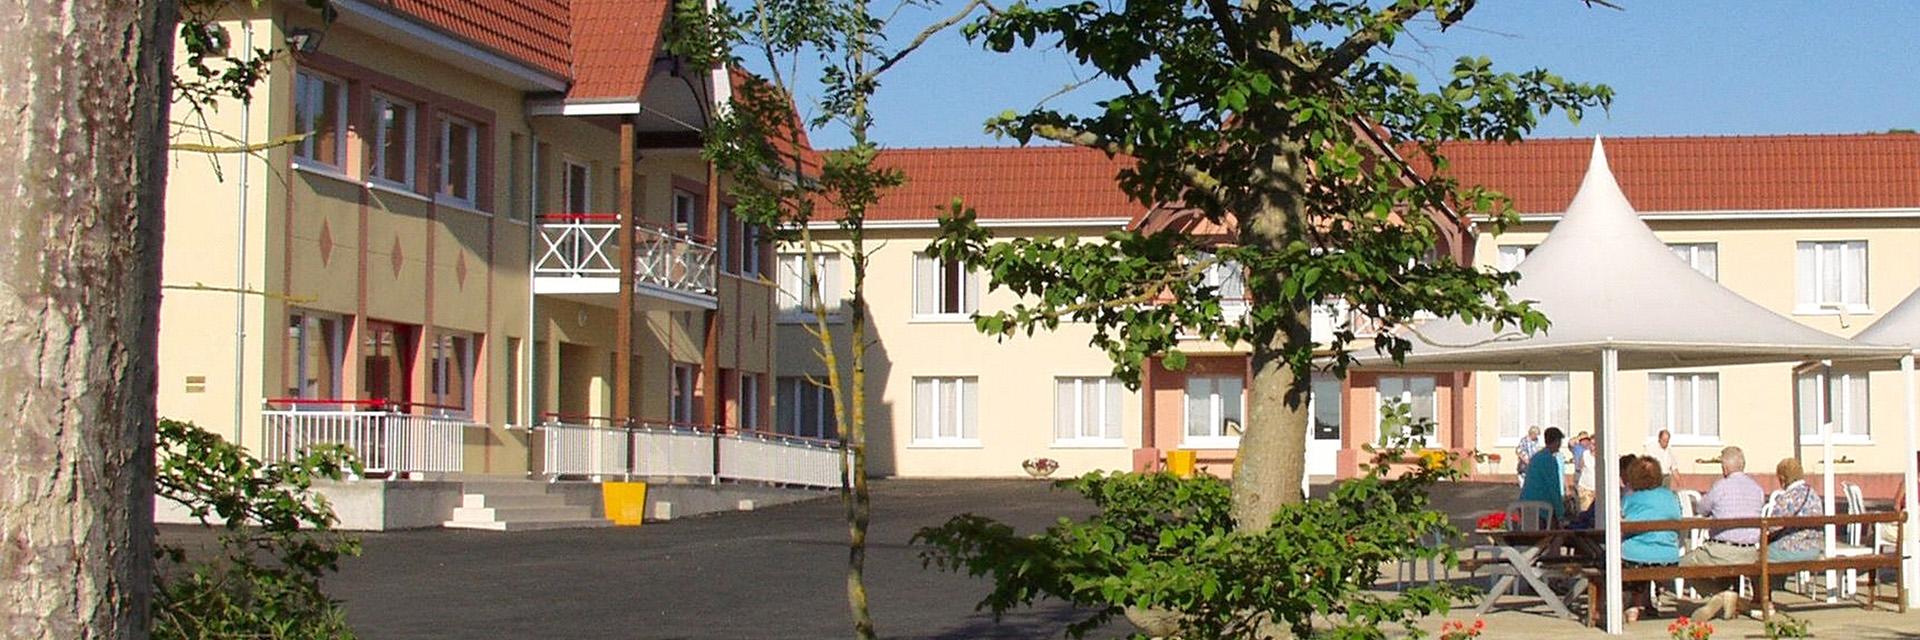 Village_club_vacances_normandie-et-cote-dopale-stella-maris-vue